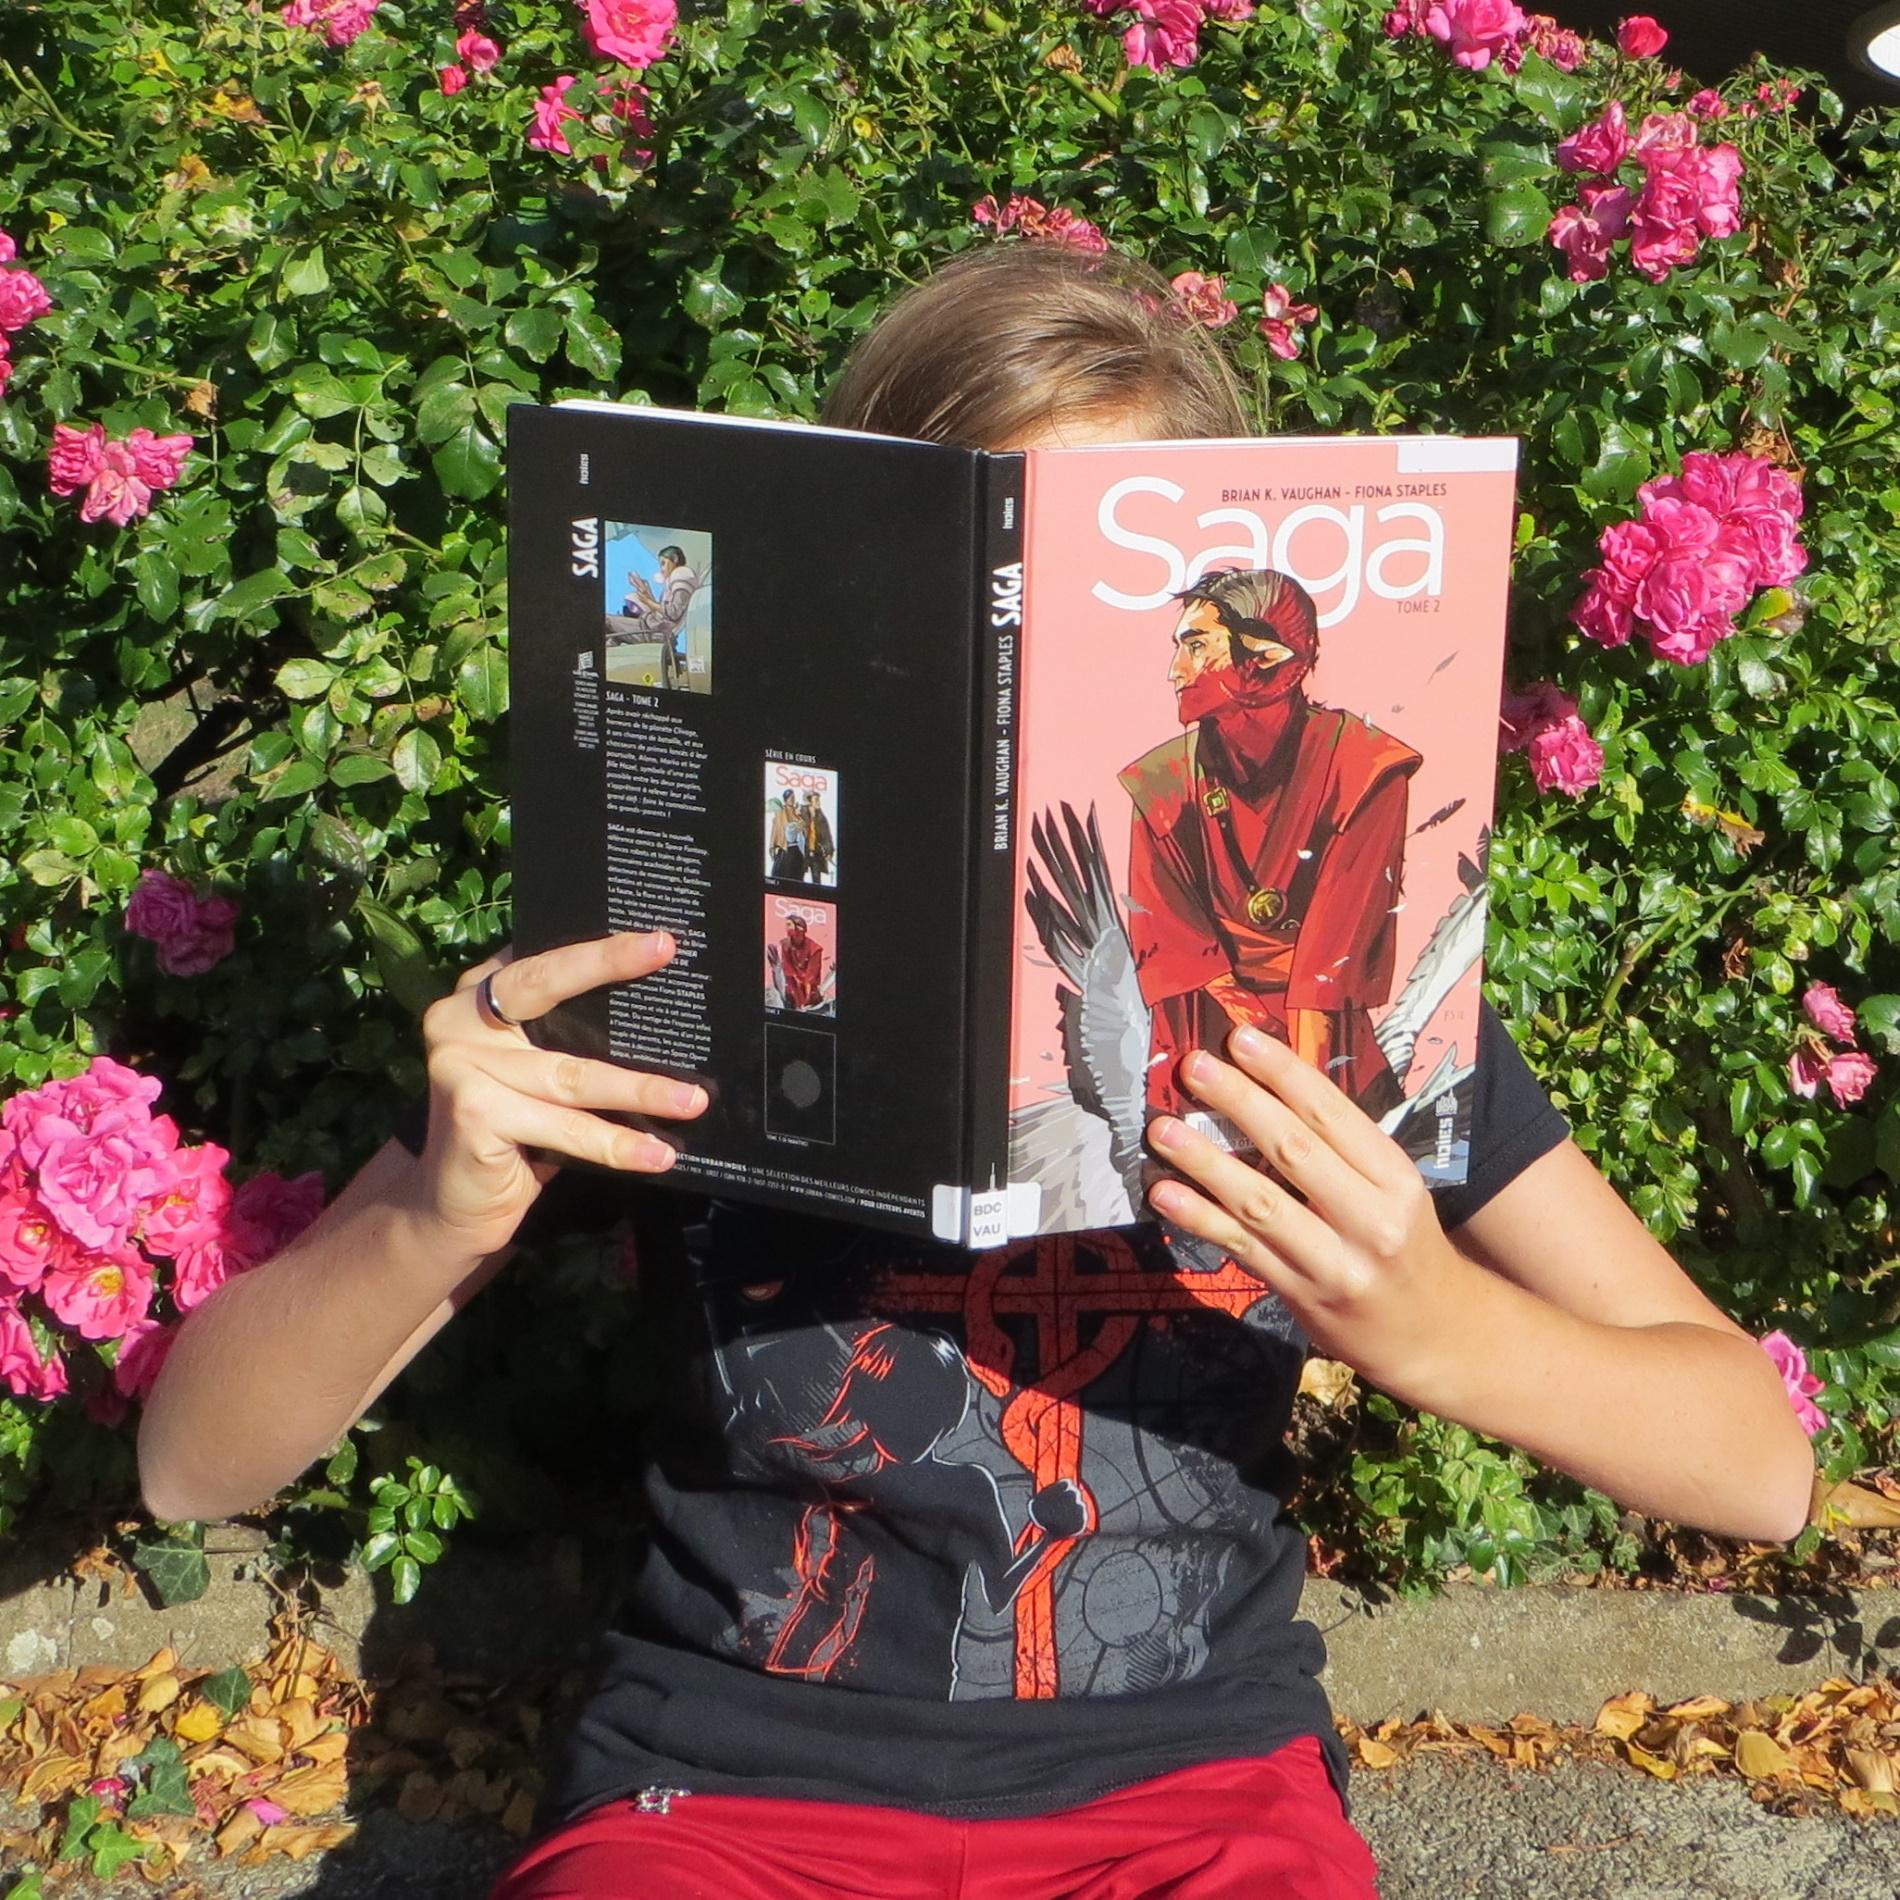 femme lisant la BD Saga de Brian K. Vaughan et Fiona Staples devant un buisson de roses